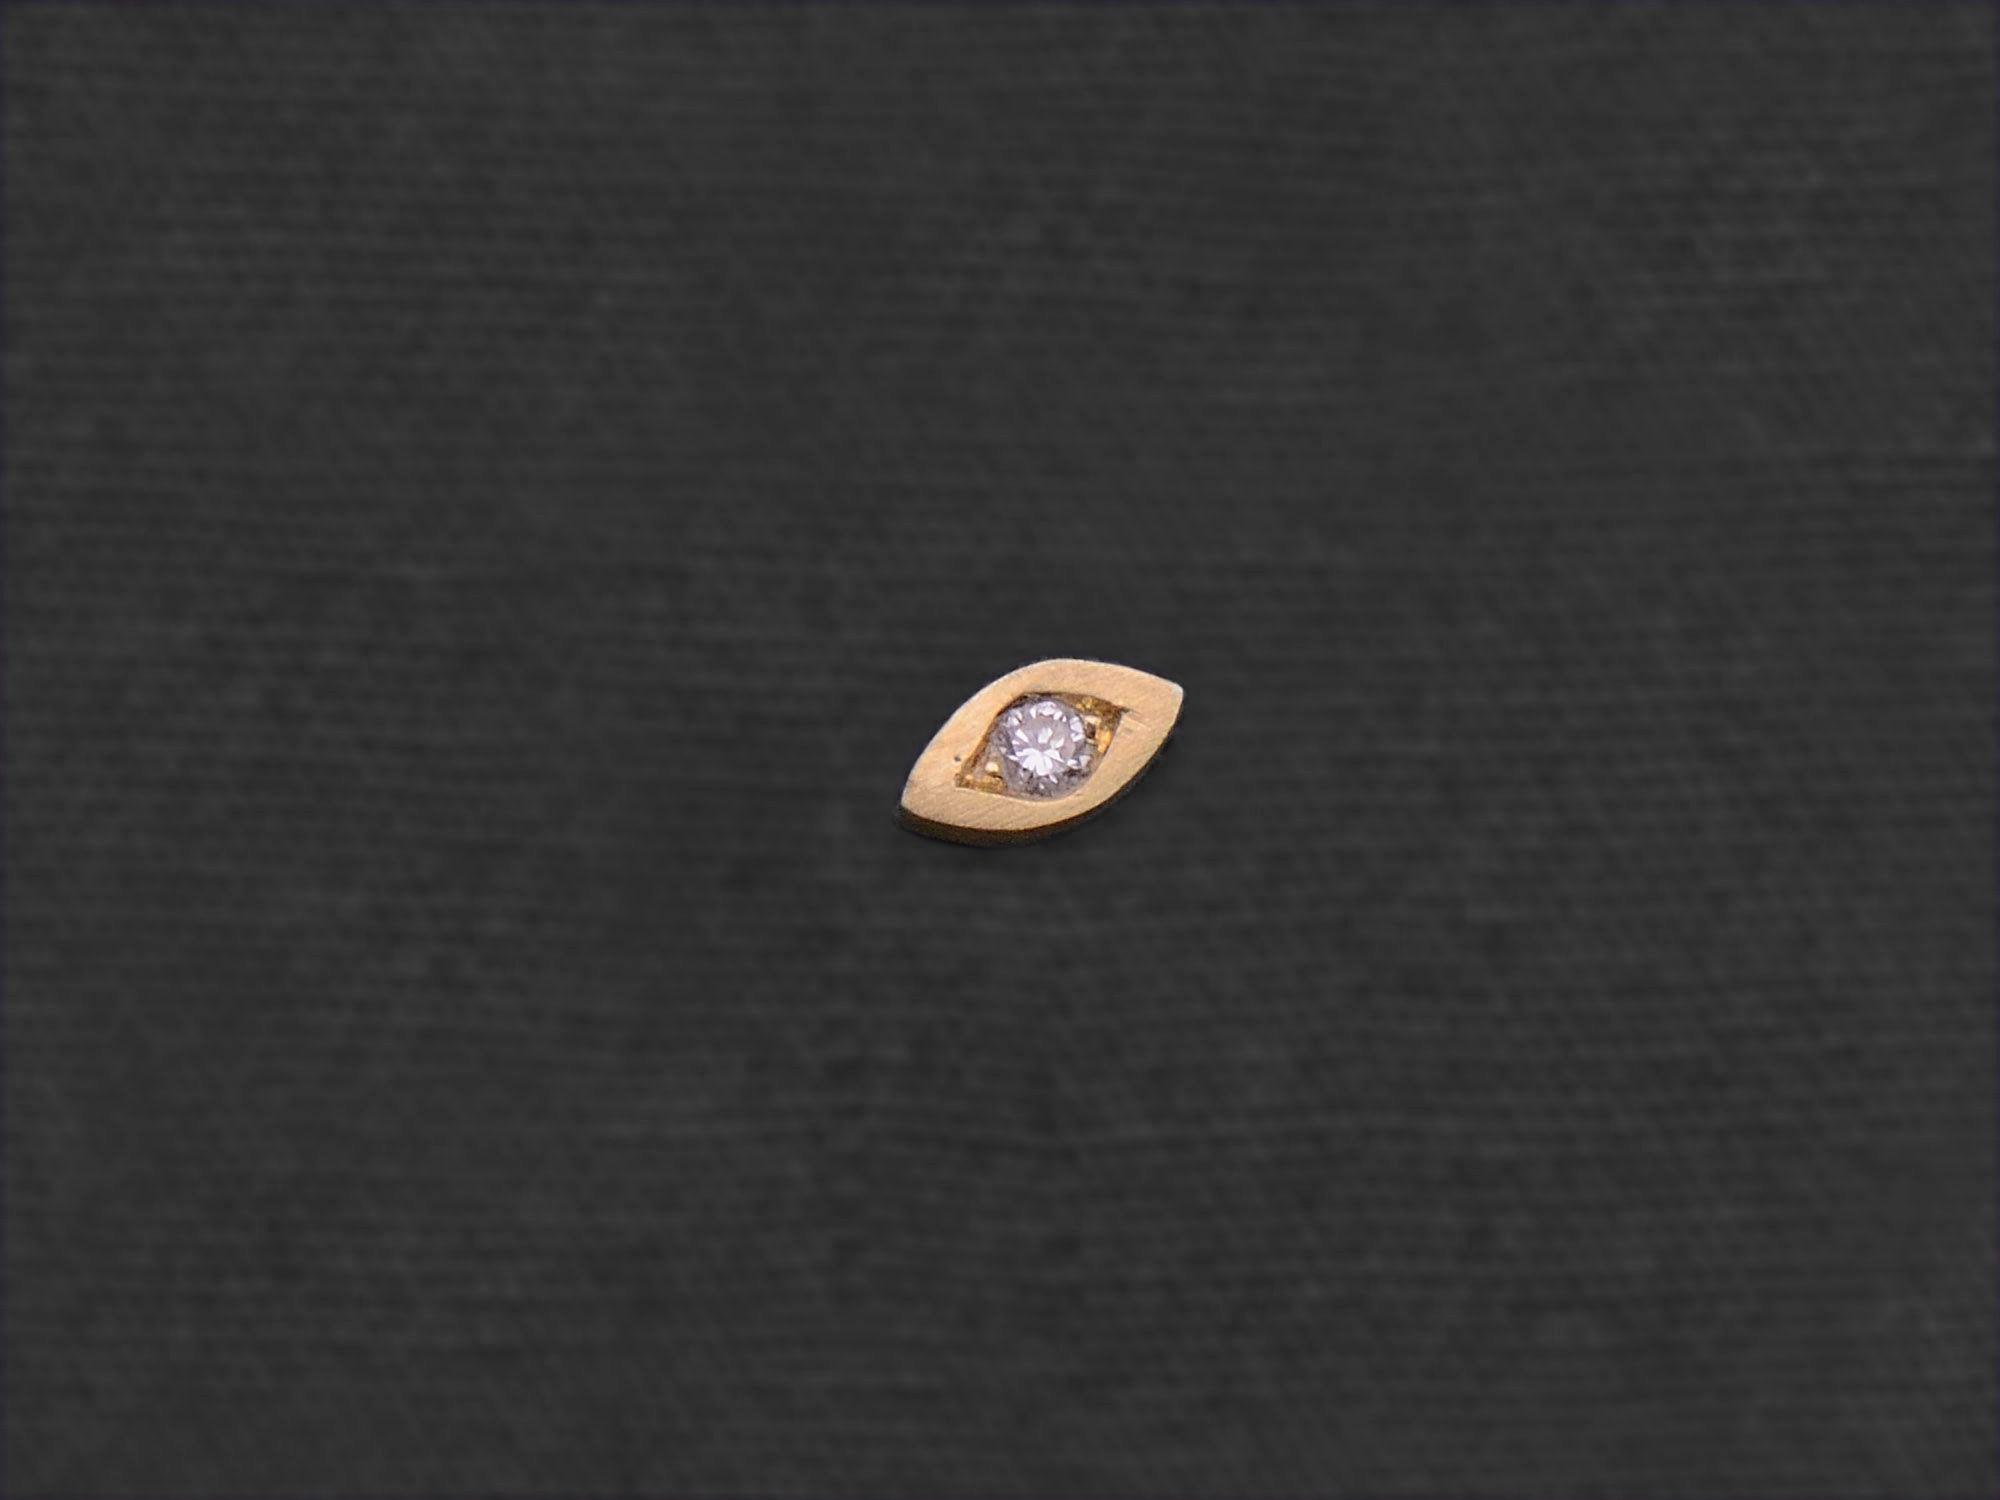 Diamond Eye mini stud earring by Emmanuelle Zysman